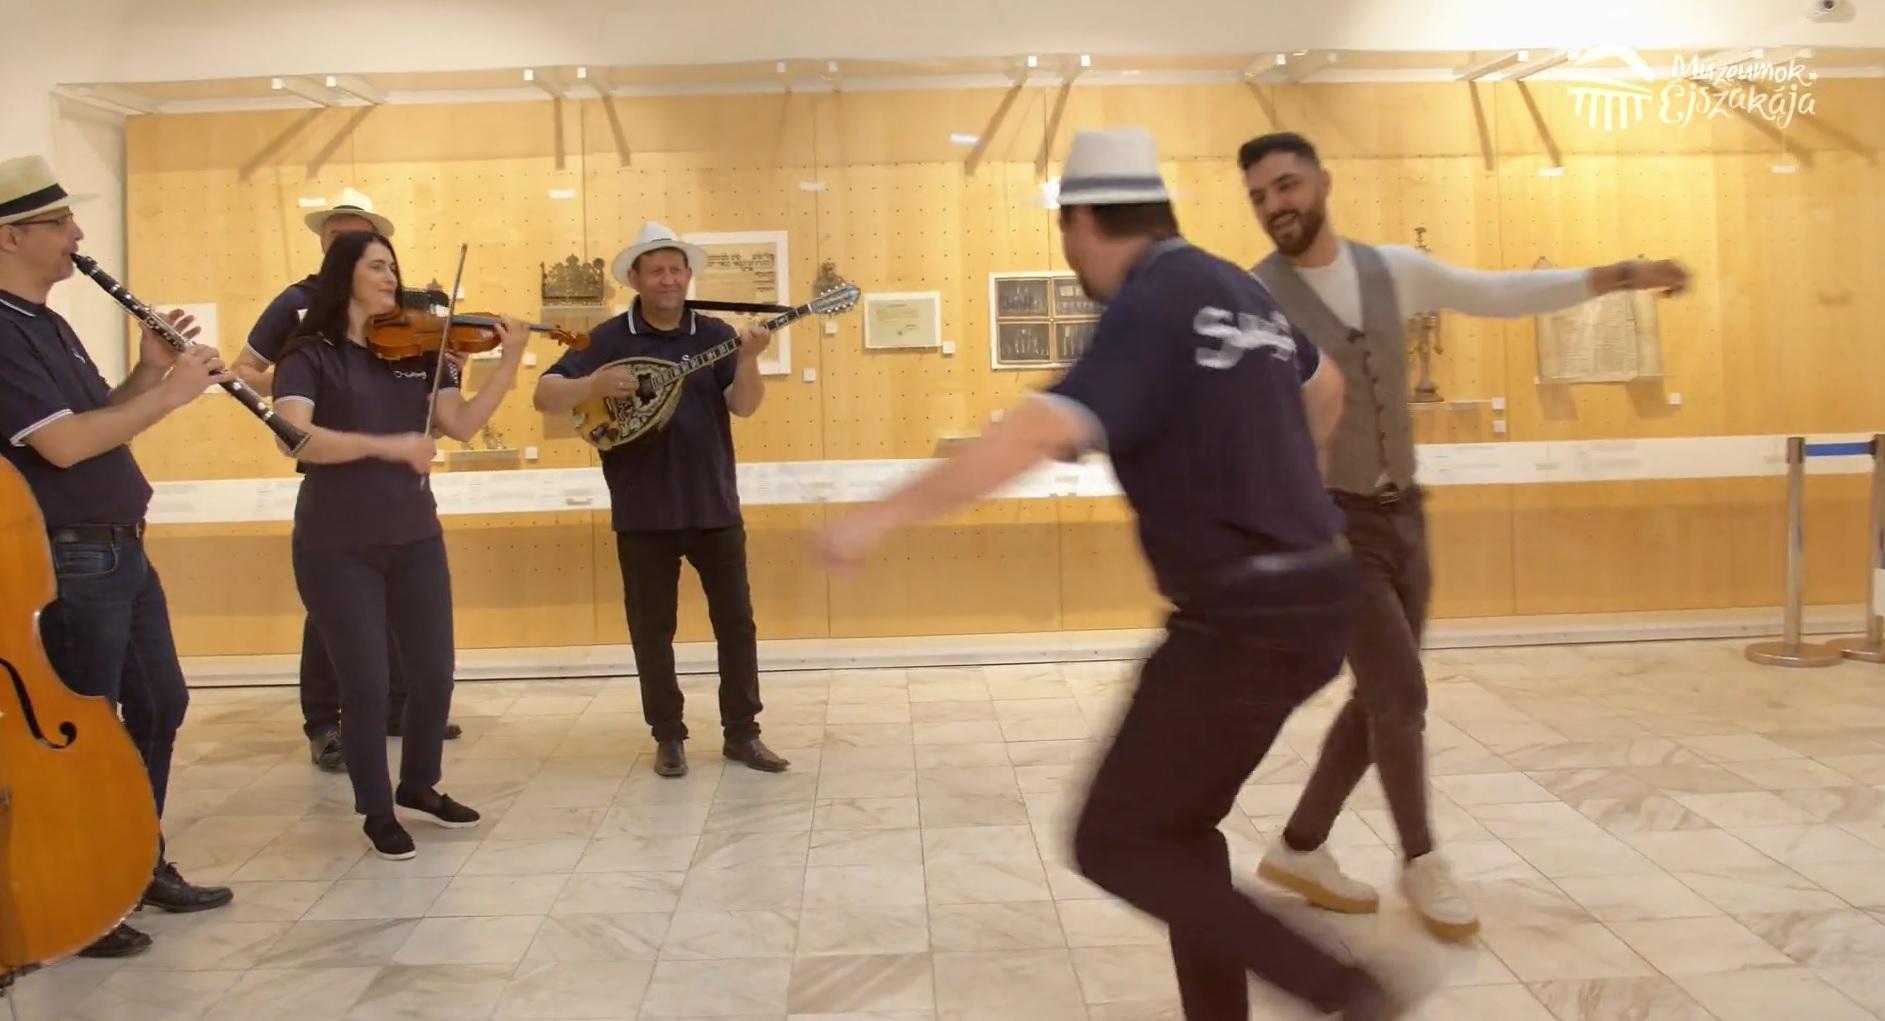 Zenés-táncos mulatságon vett részt Oláh Gergő egy múzeumban – videó